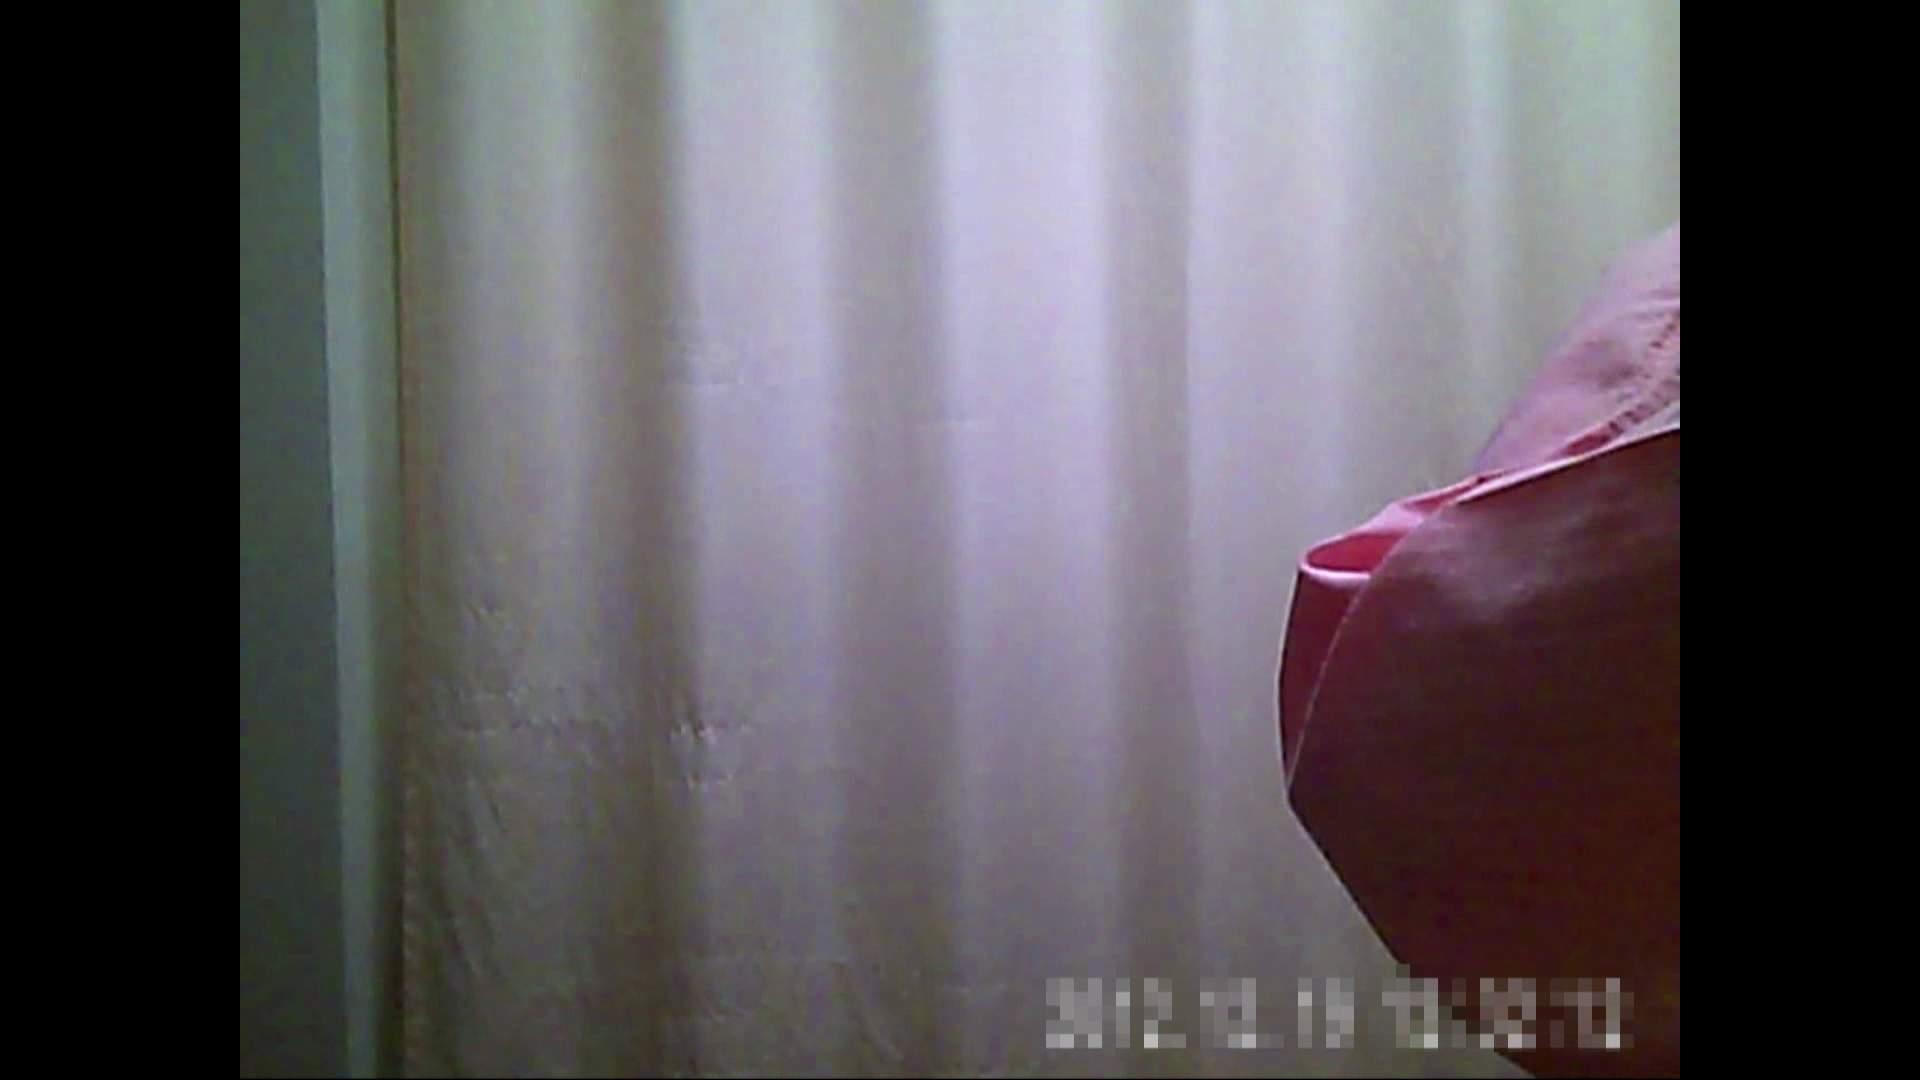 元医者による反抗 更衣室地獄絵巻 vol.115 OLハメ撮り  90Pix 60